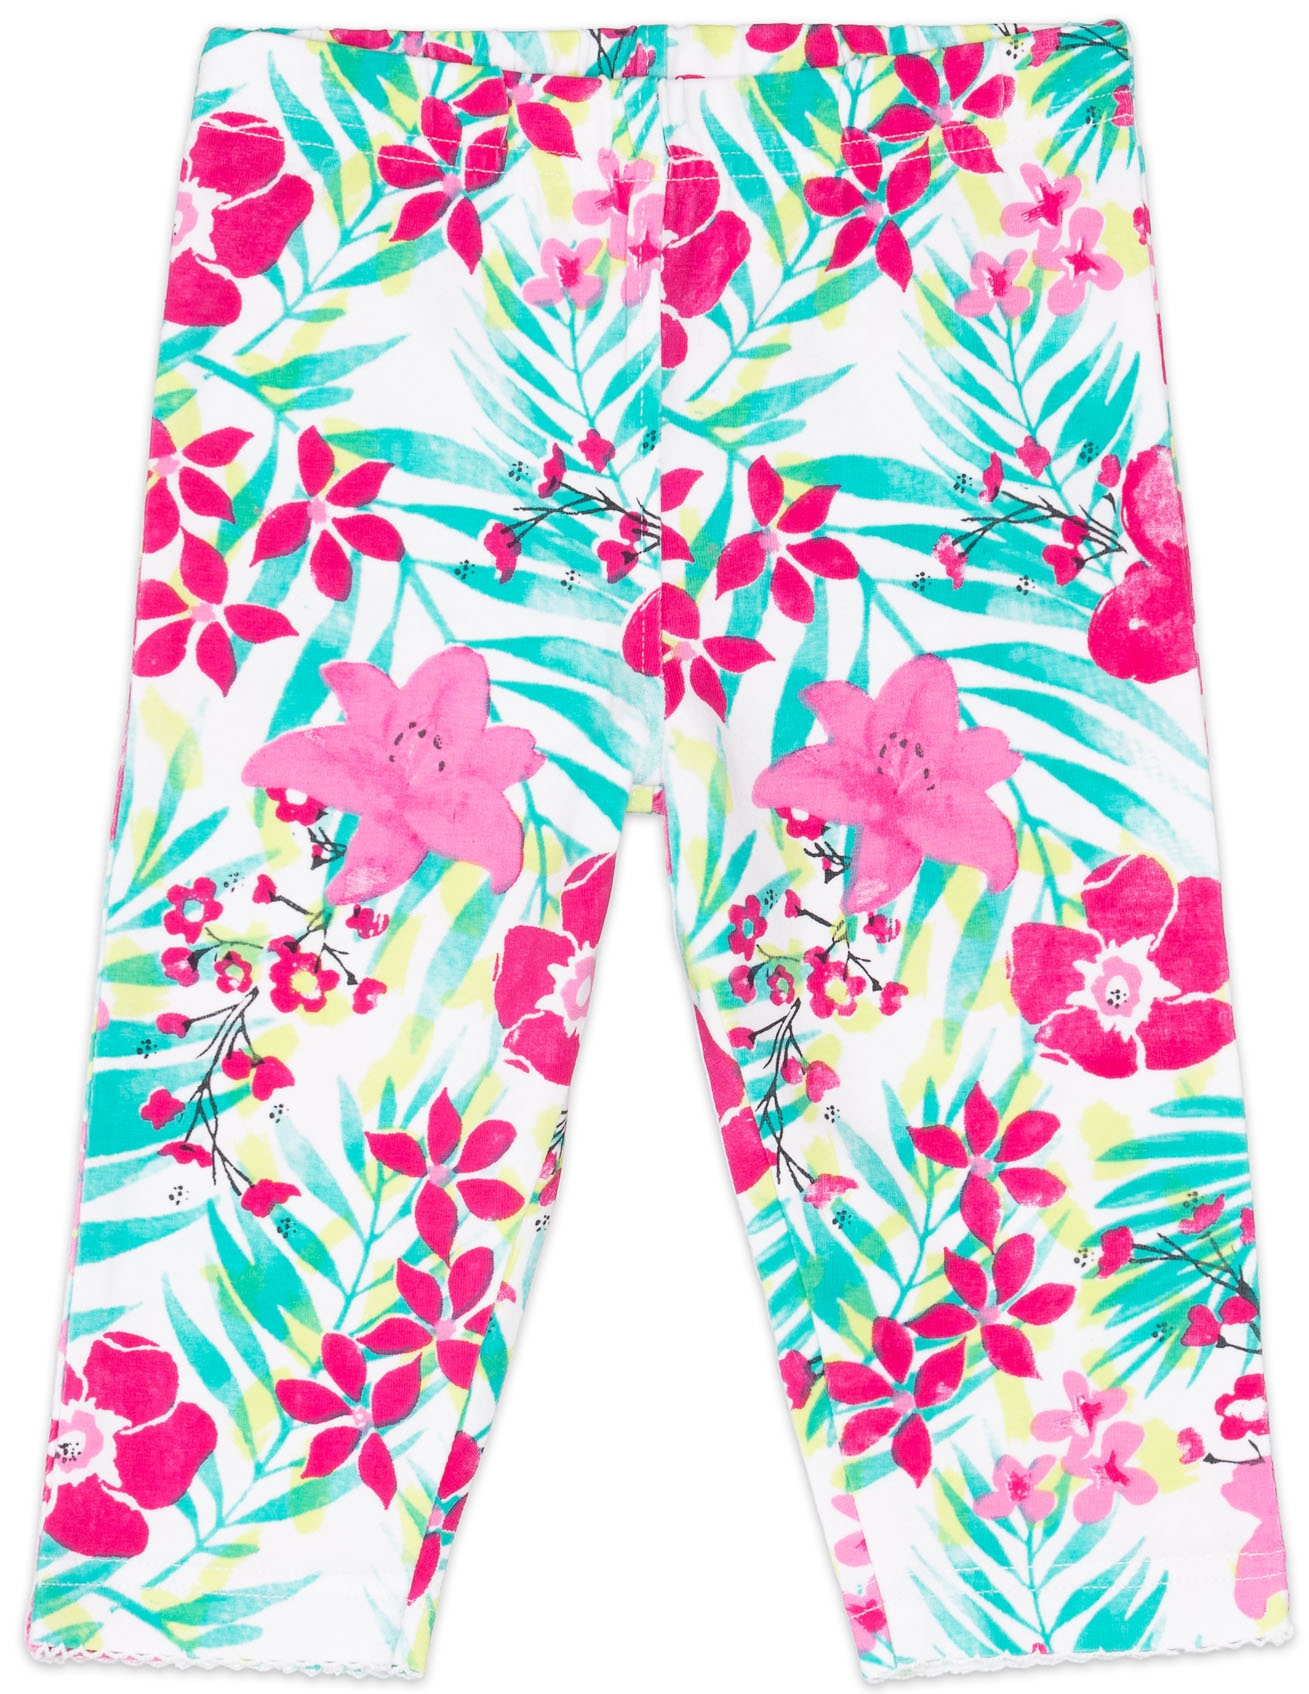 Легинсы Barkito Брюки трикотажные капри для девочки Barkito, Алоха Гавайи!, белый, с рисунком цветы брюки дудочки 7 8 с рисунком